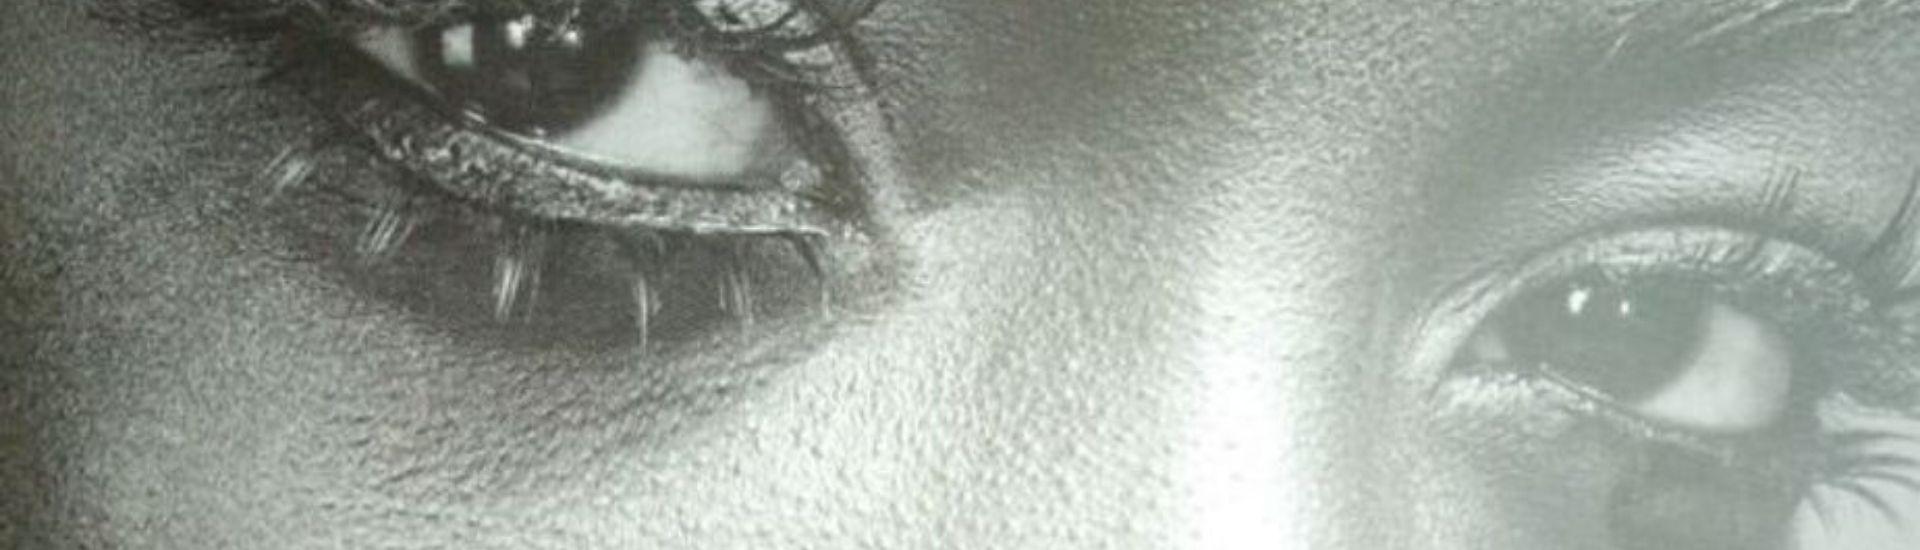 Timeless Beauty : photographie en noir et blanc @dzaleu.com